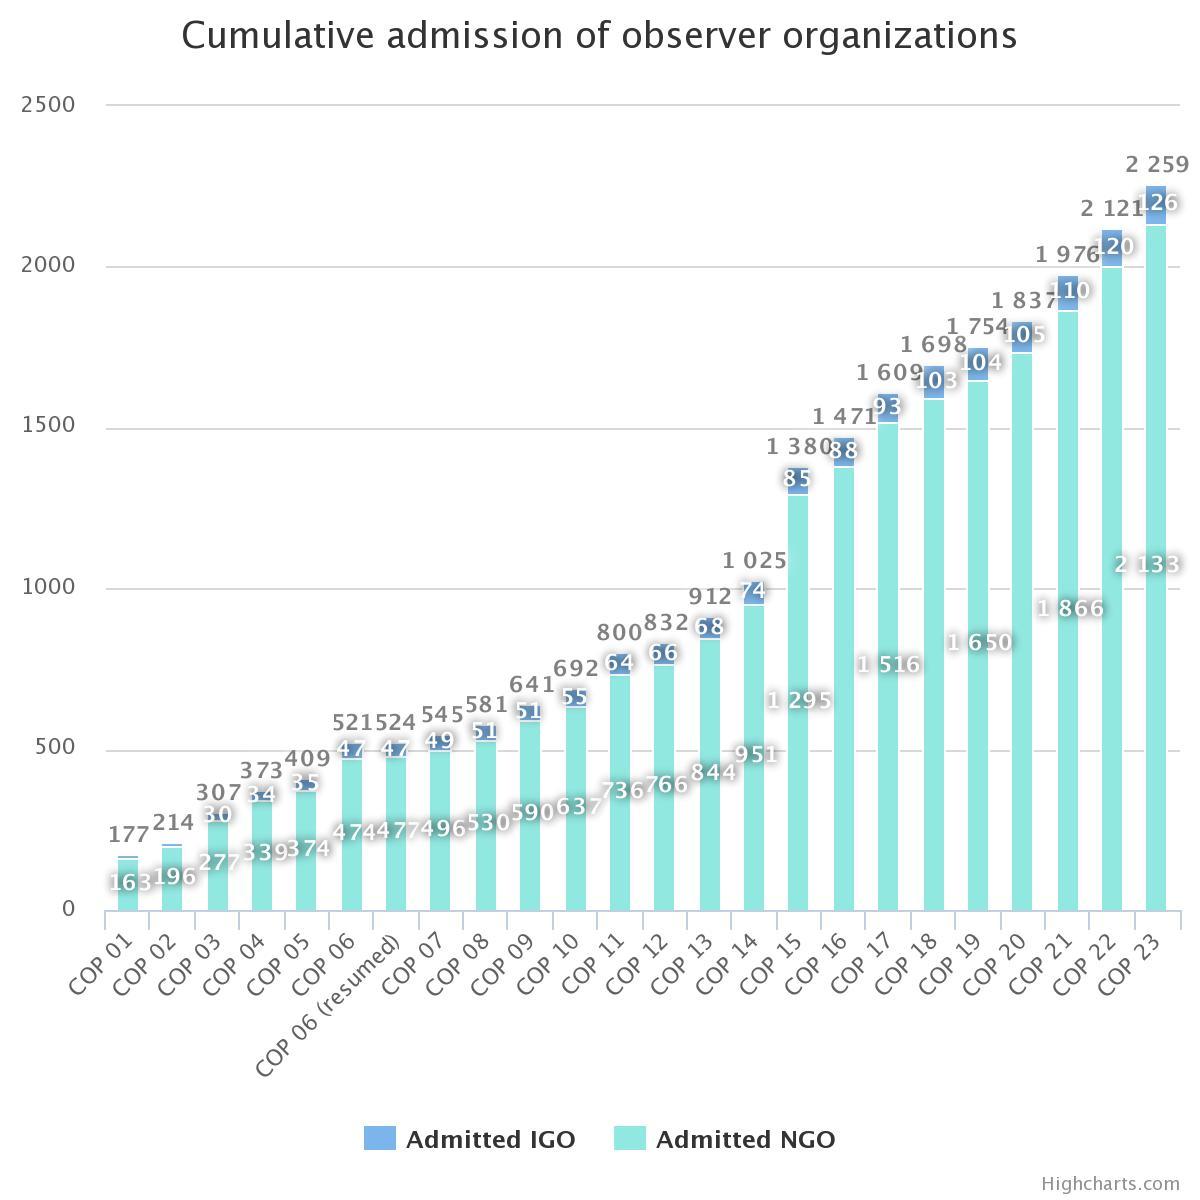 Figura 1 Admisión acumulativa de organizaciones observadoras UNFCCC